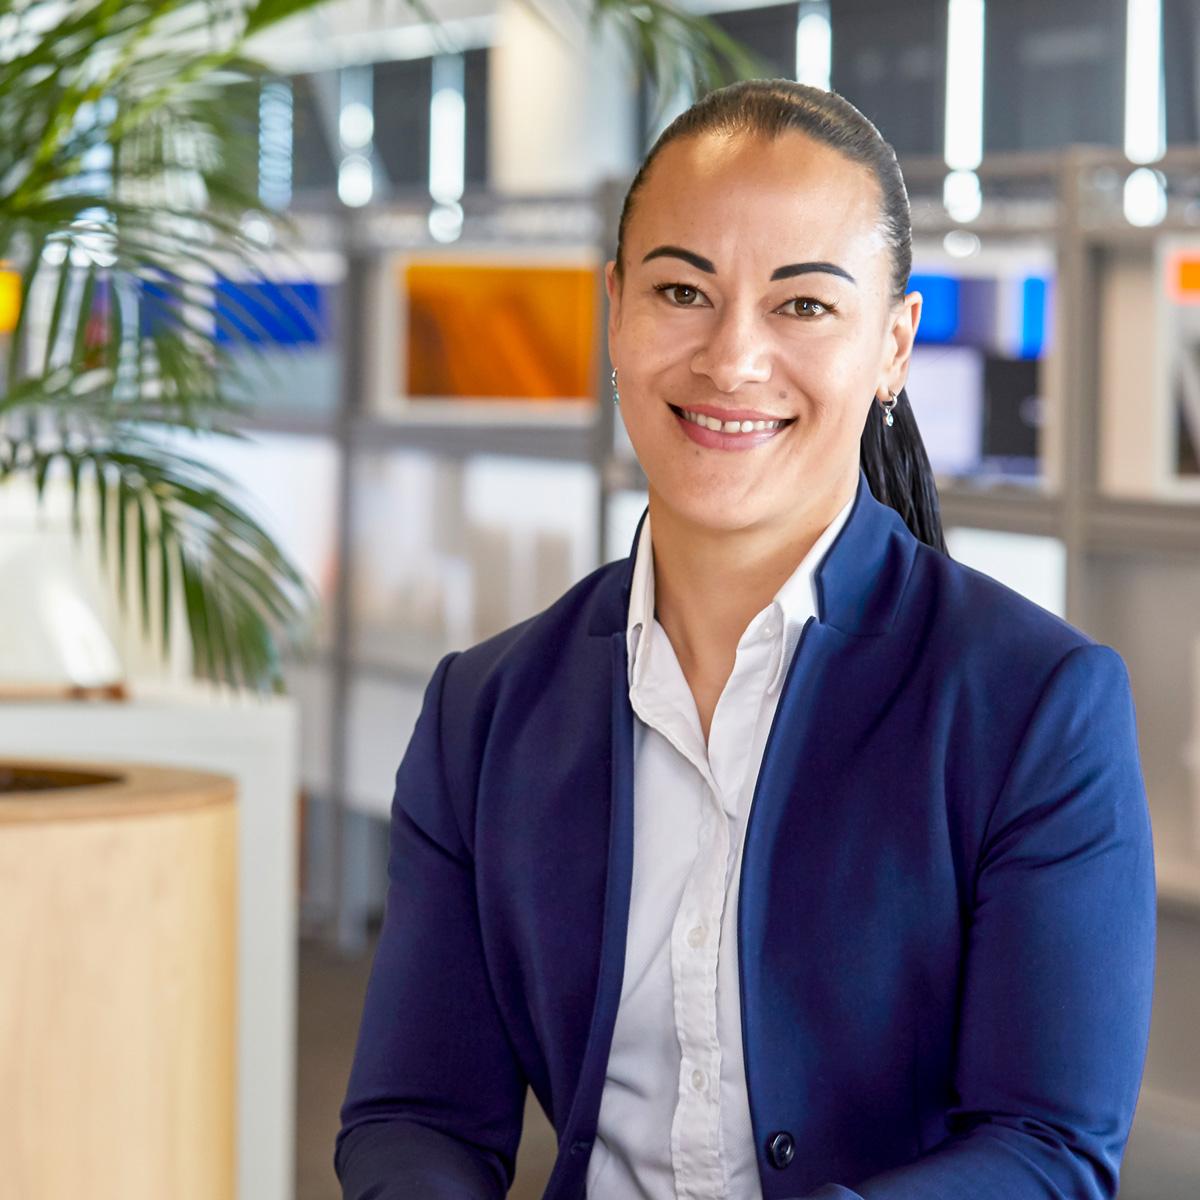 Tania Reweti